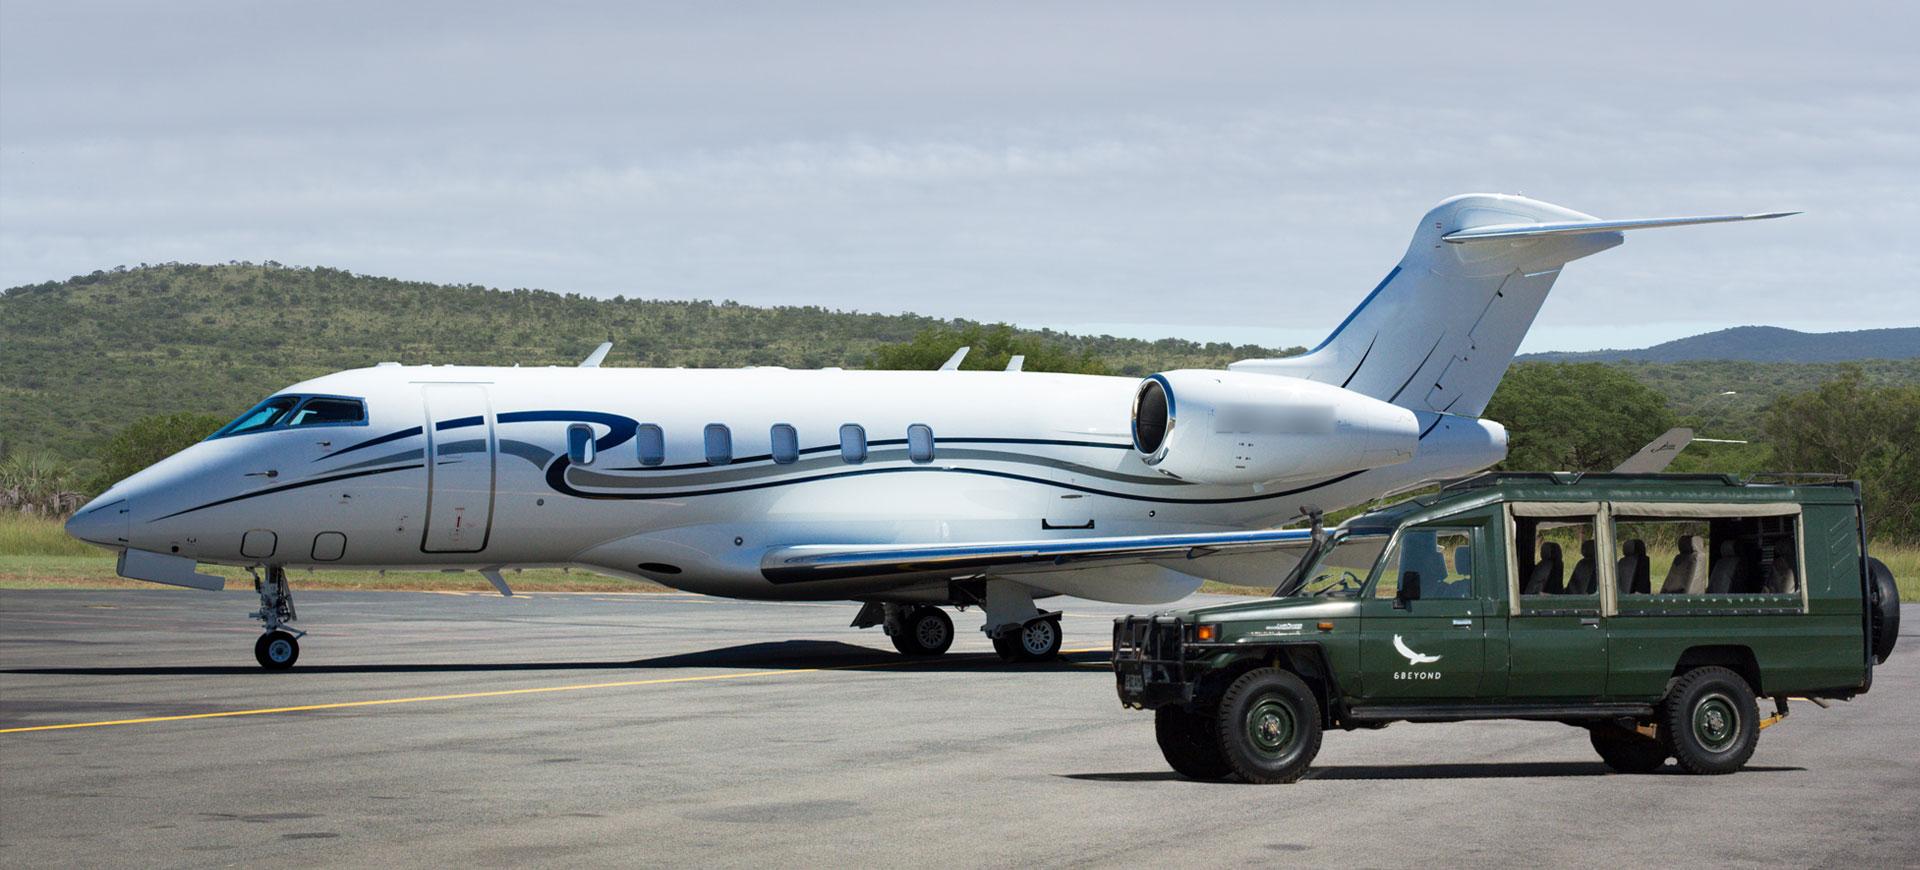 PrivateConference Flights Victoria Falls